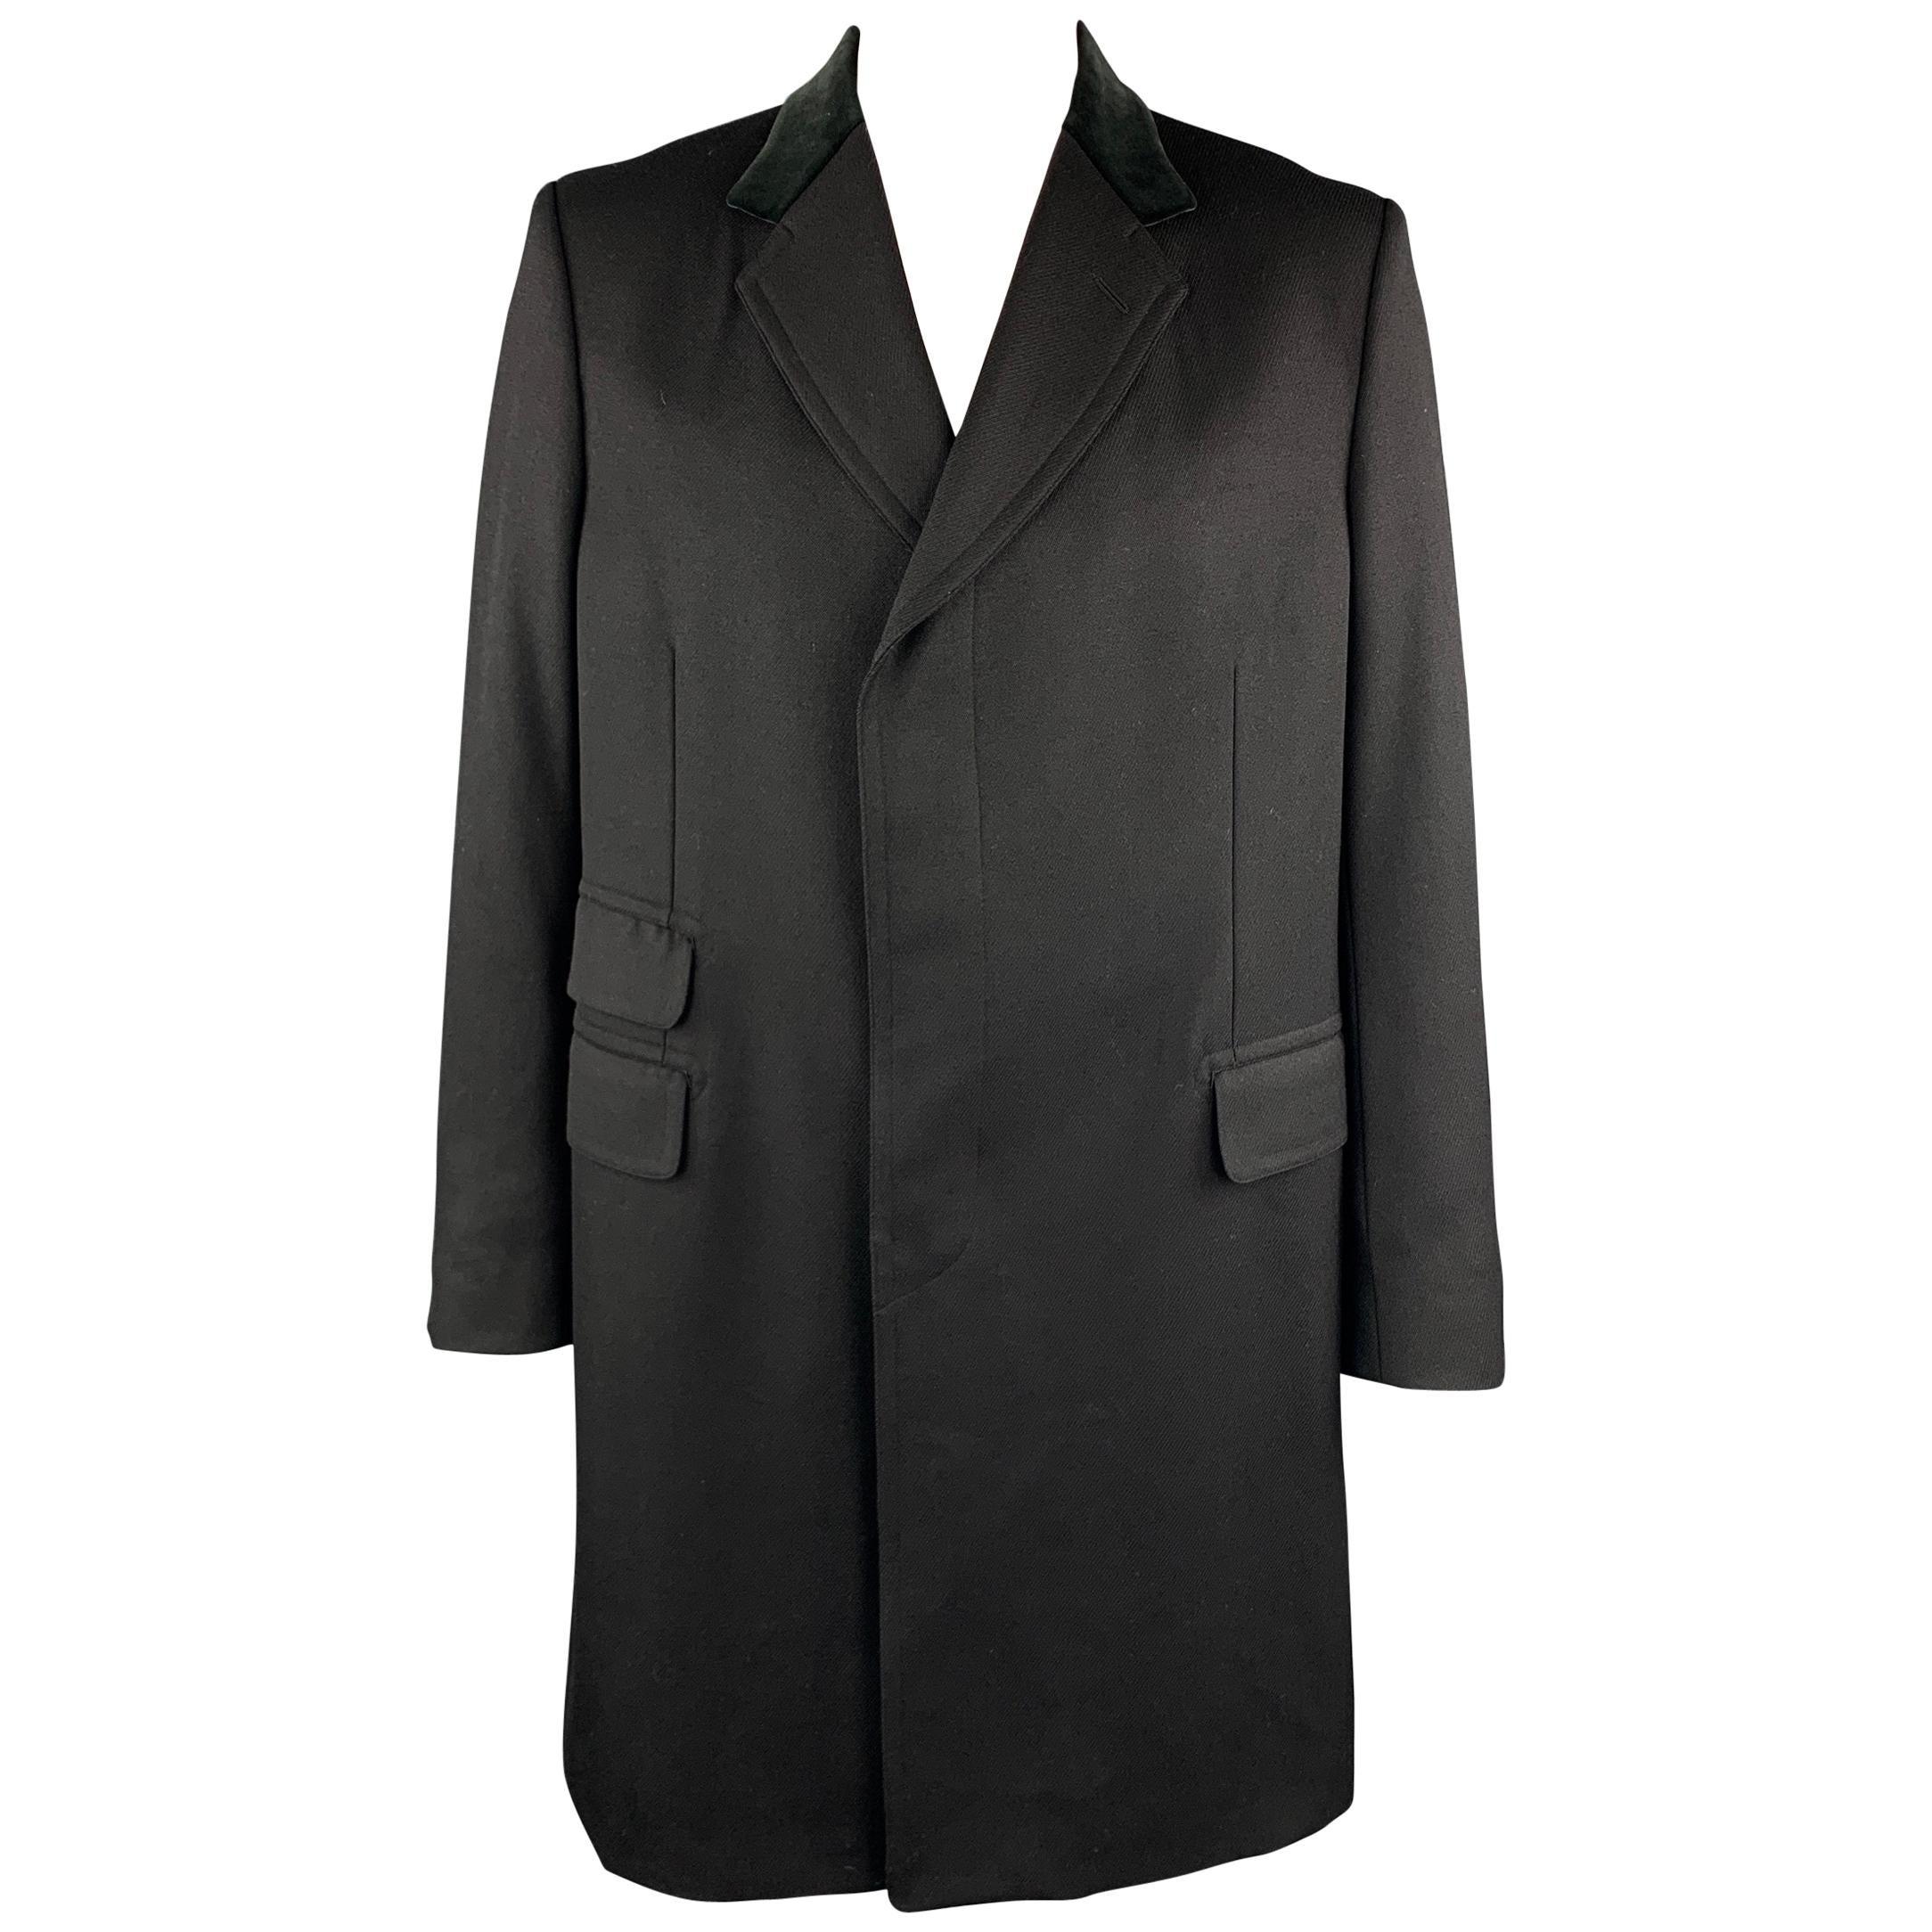 GUCCI Size 46 Black Wool Velvet Collar Hidden Buttons Long Coat